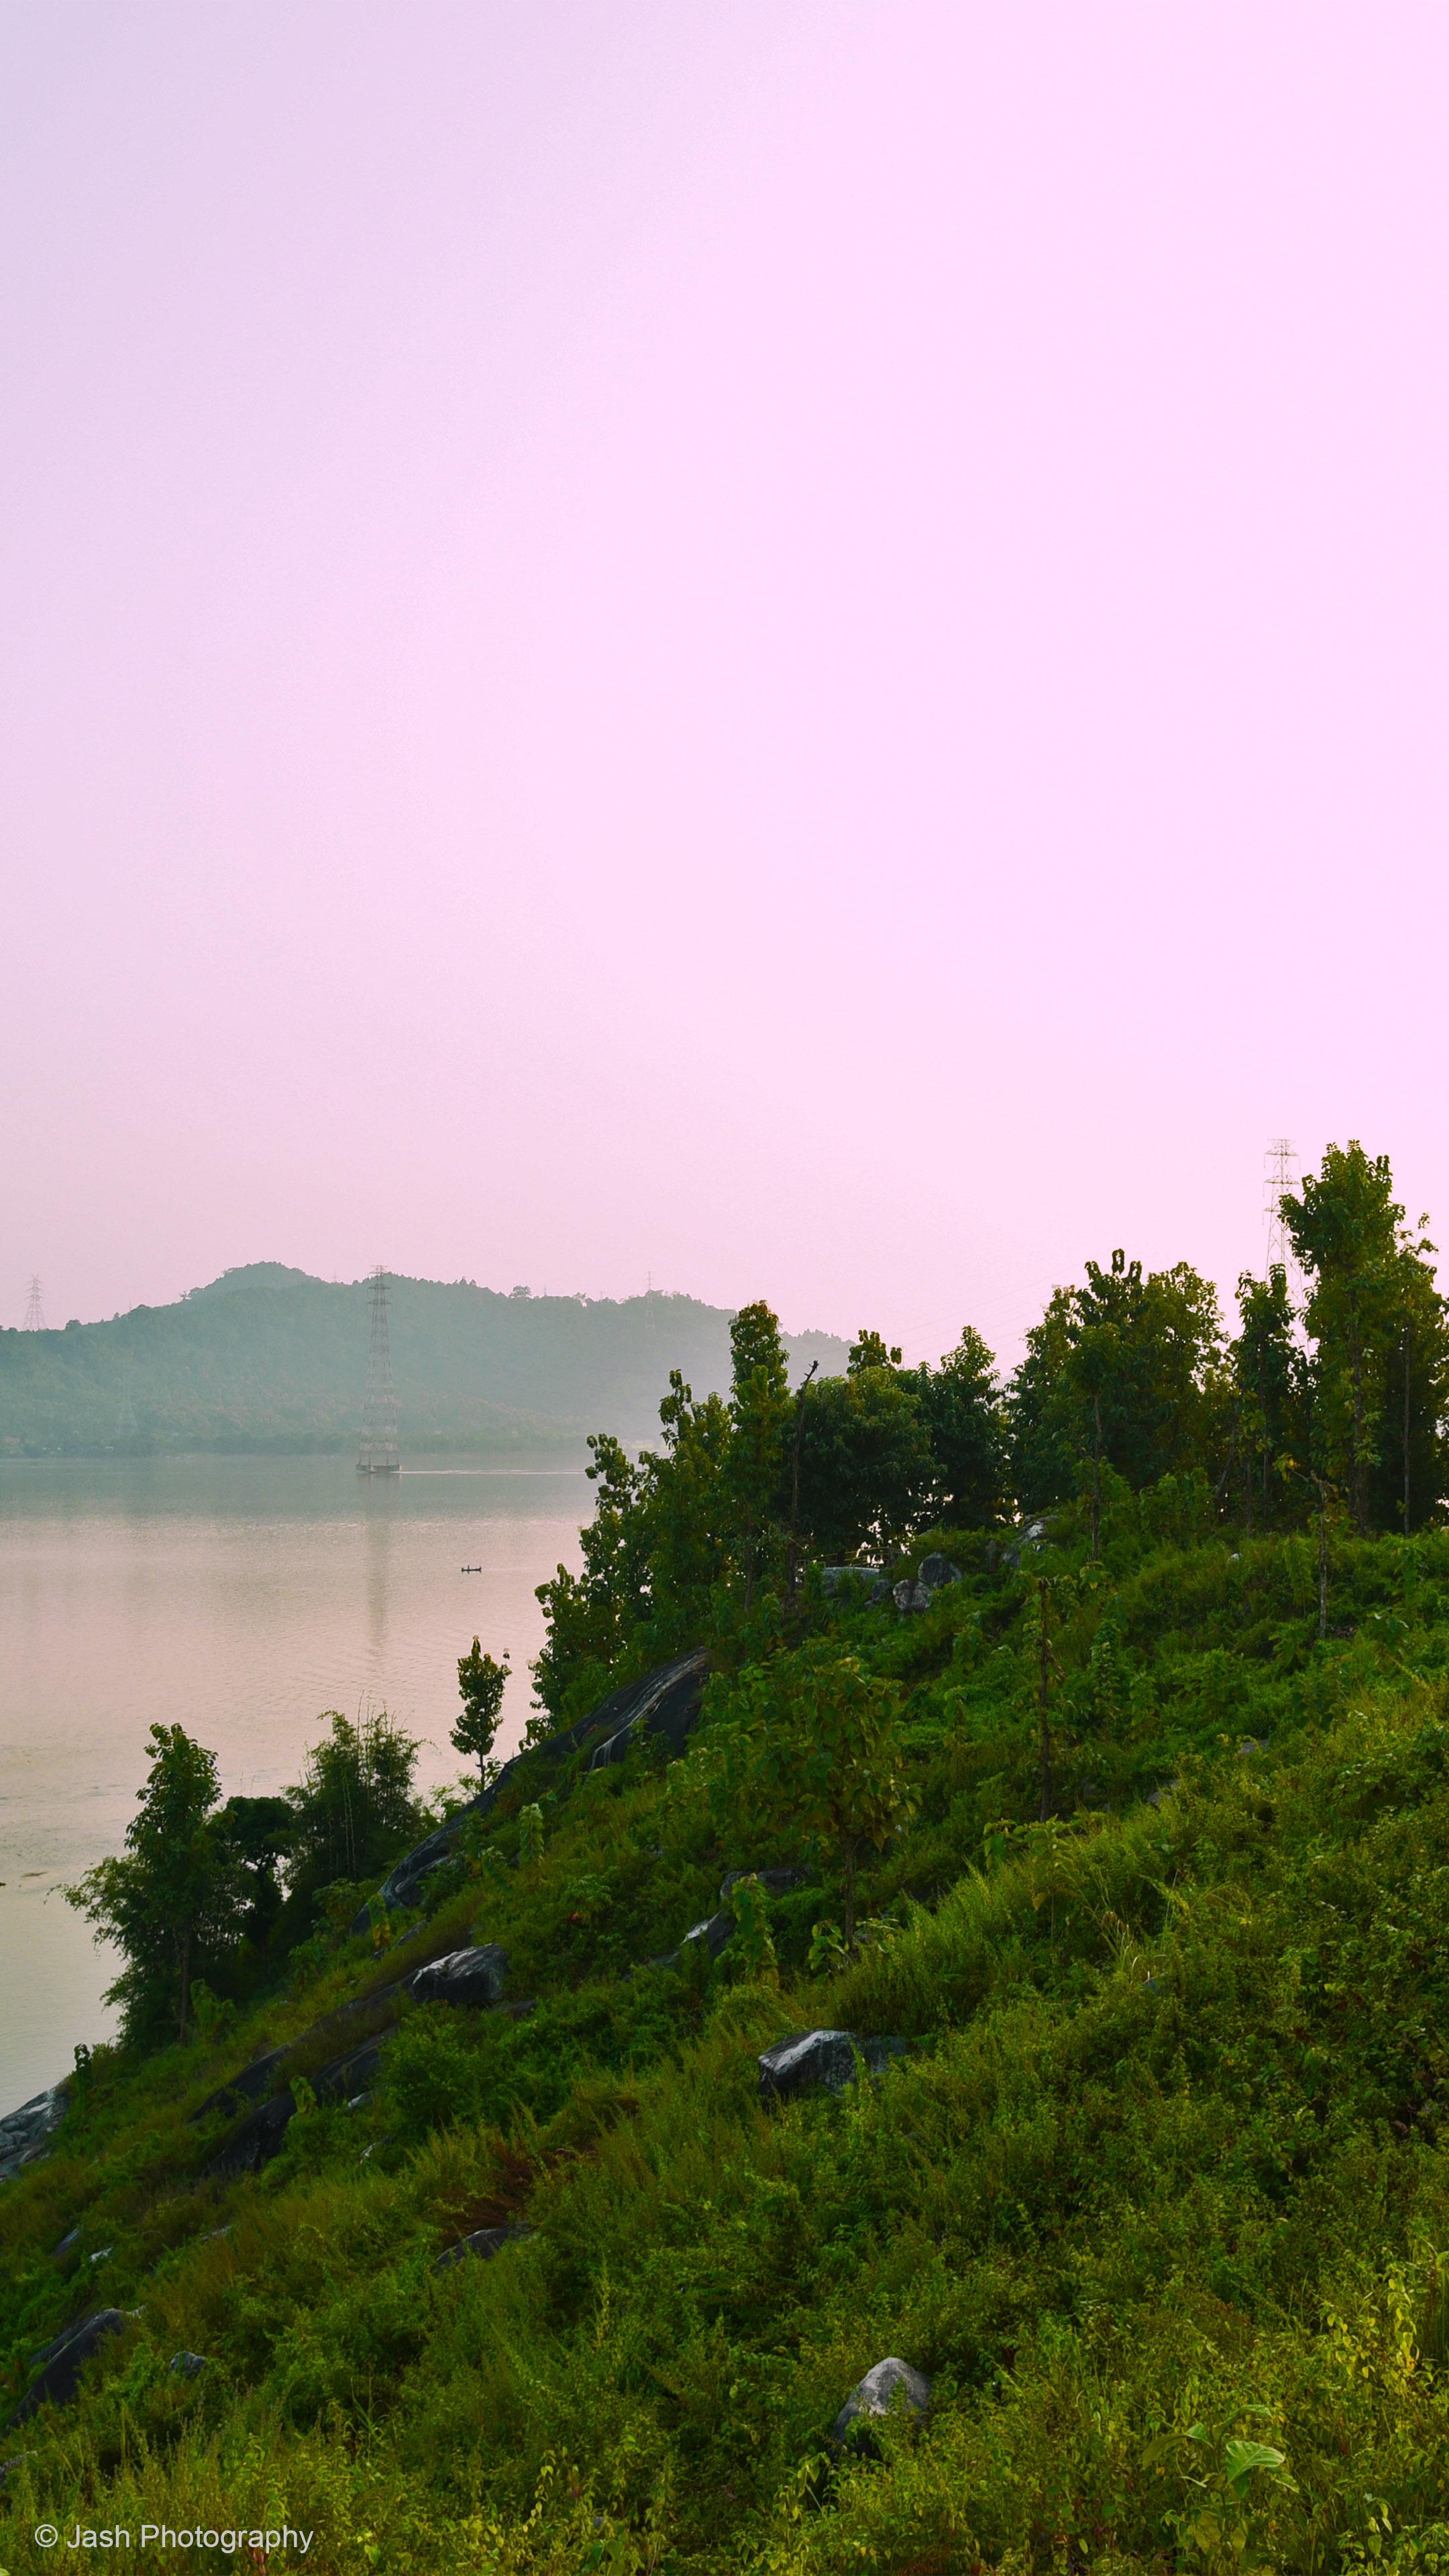 Jogigopha River Landscape Photography 4k Ultra Hd Mobile Wallpaper